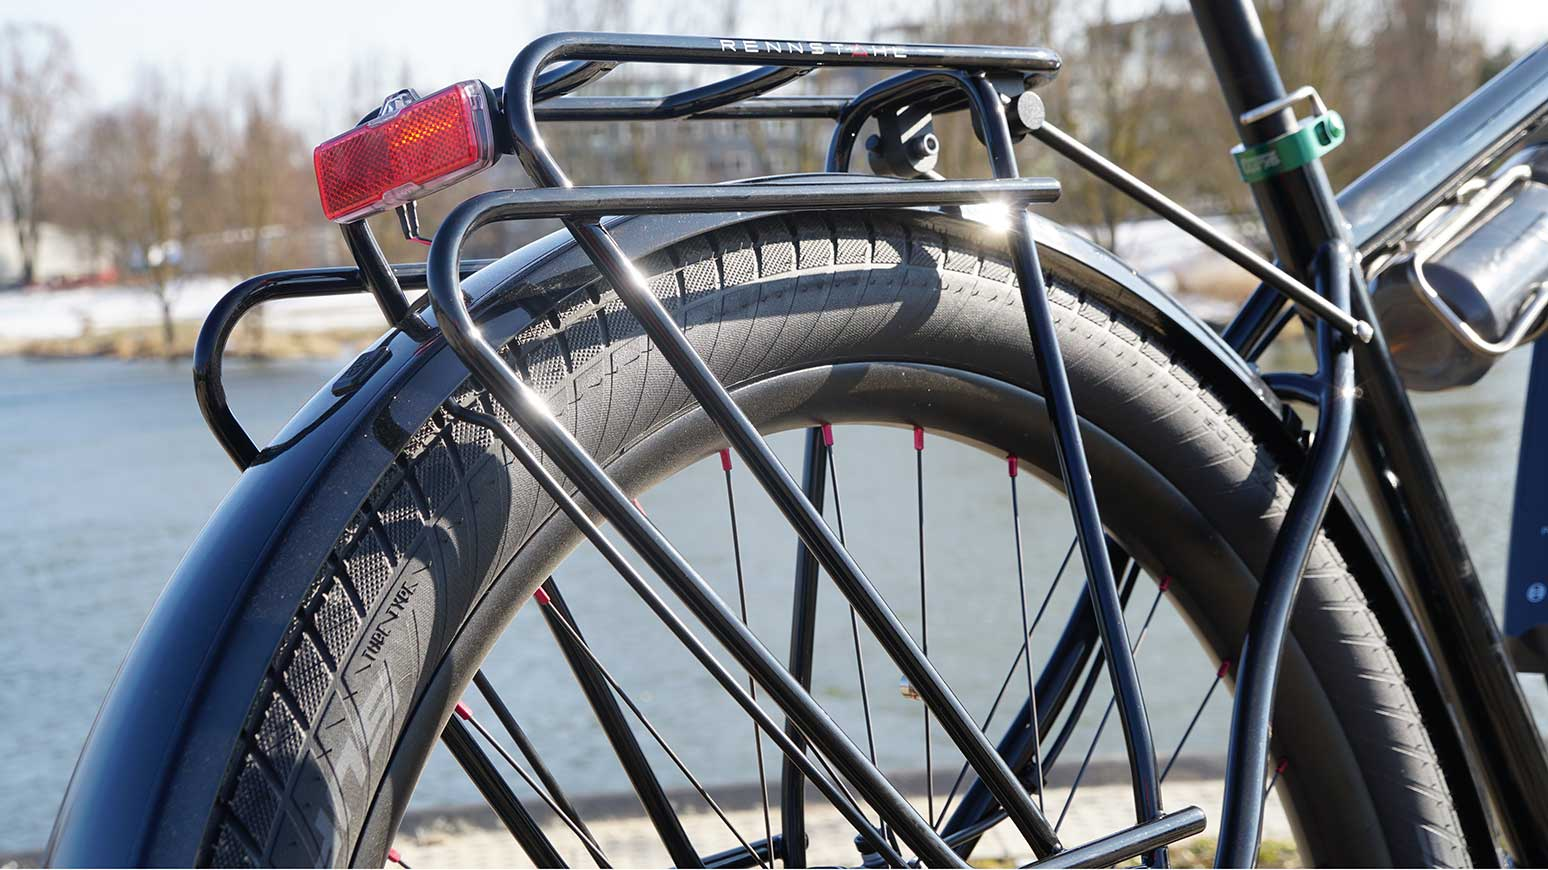 Rennrad Reiserad Rohloff: Alle Gepäckträger am Rad sind von Rennstahl entwickelt